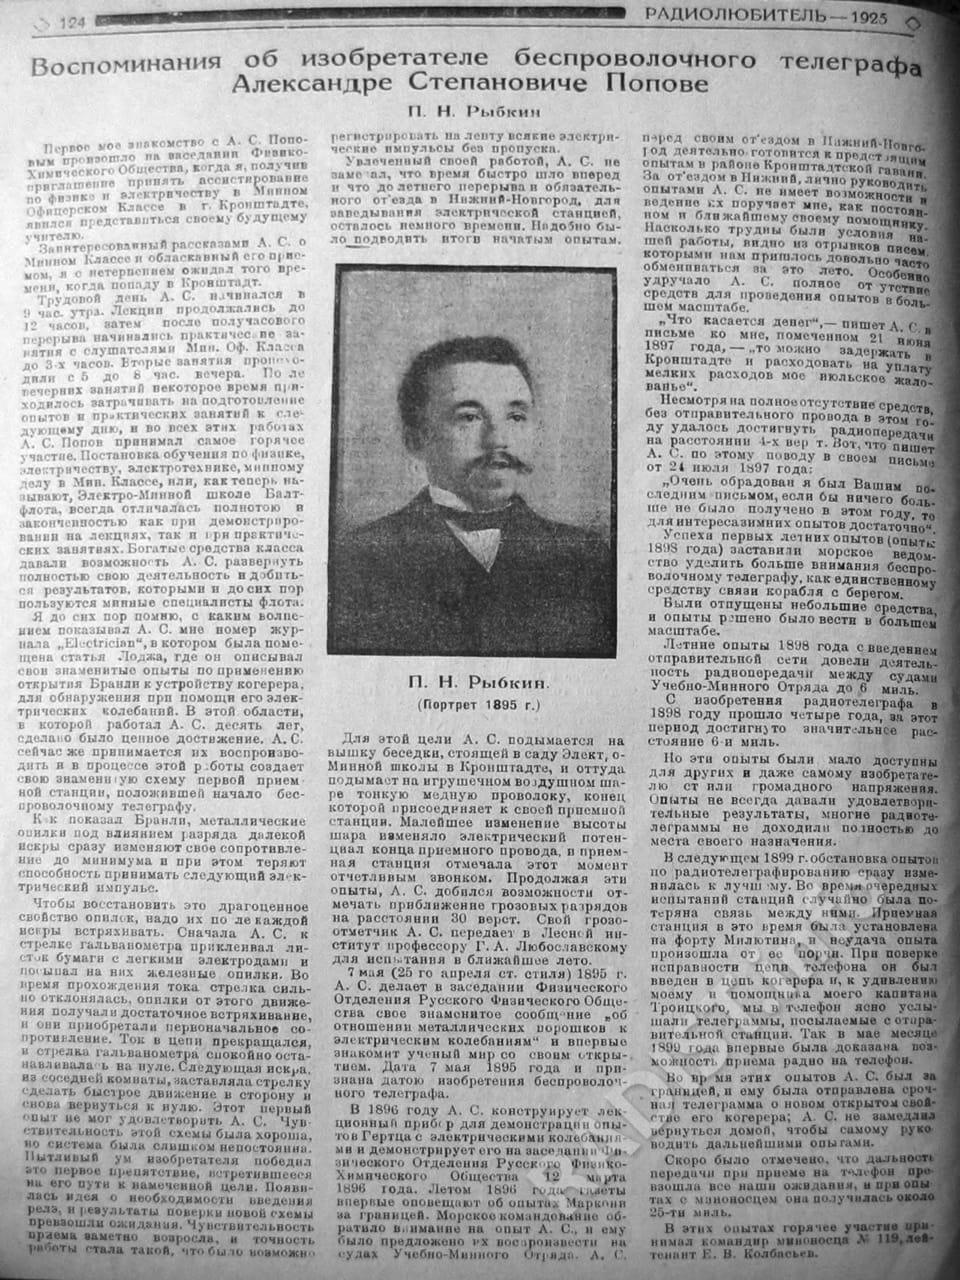 Статья из газеты «Радиолюбитель», 1925 г. Воспоминания П.Н. Рыбкина об изобретателе радио А.С. Попове